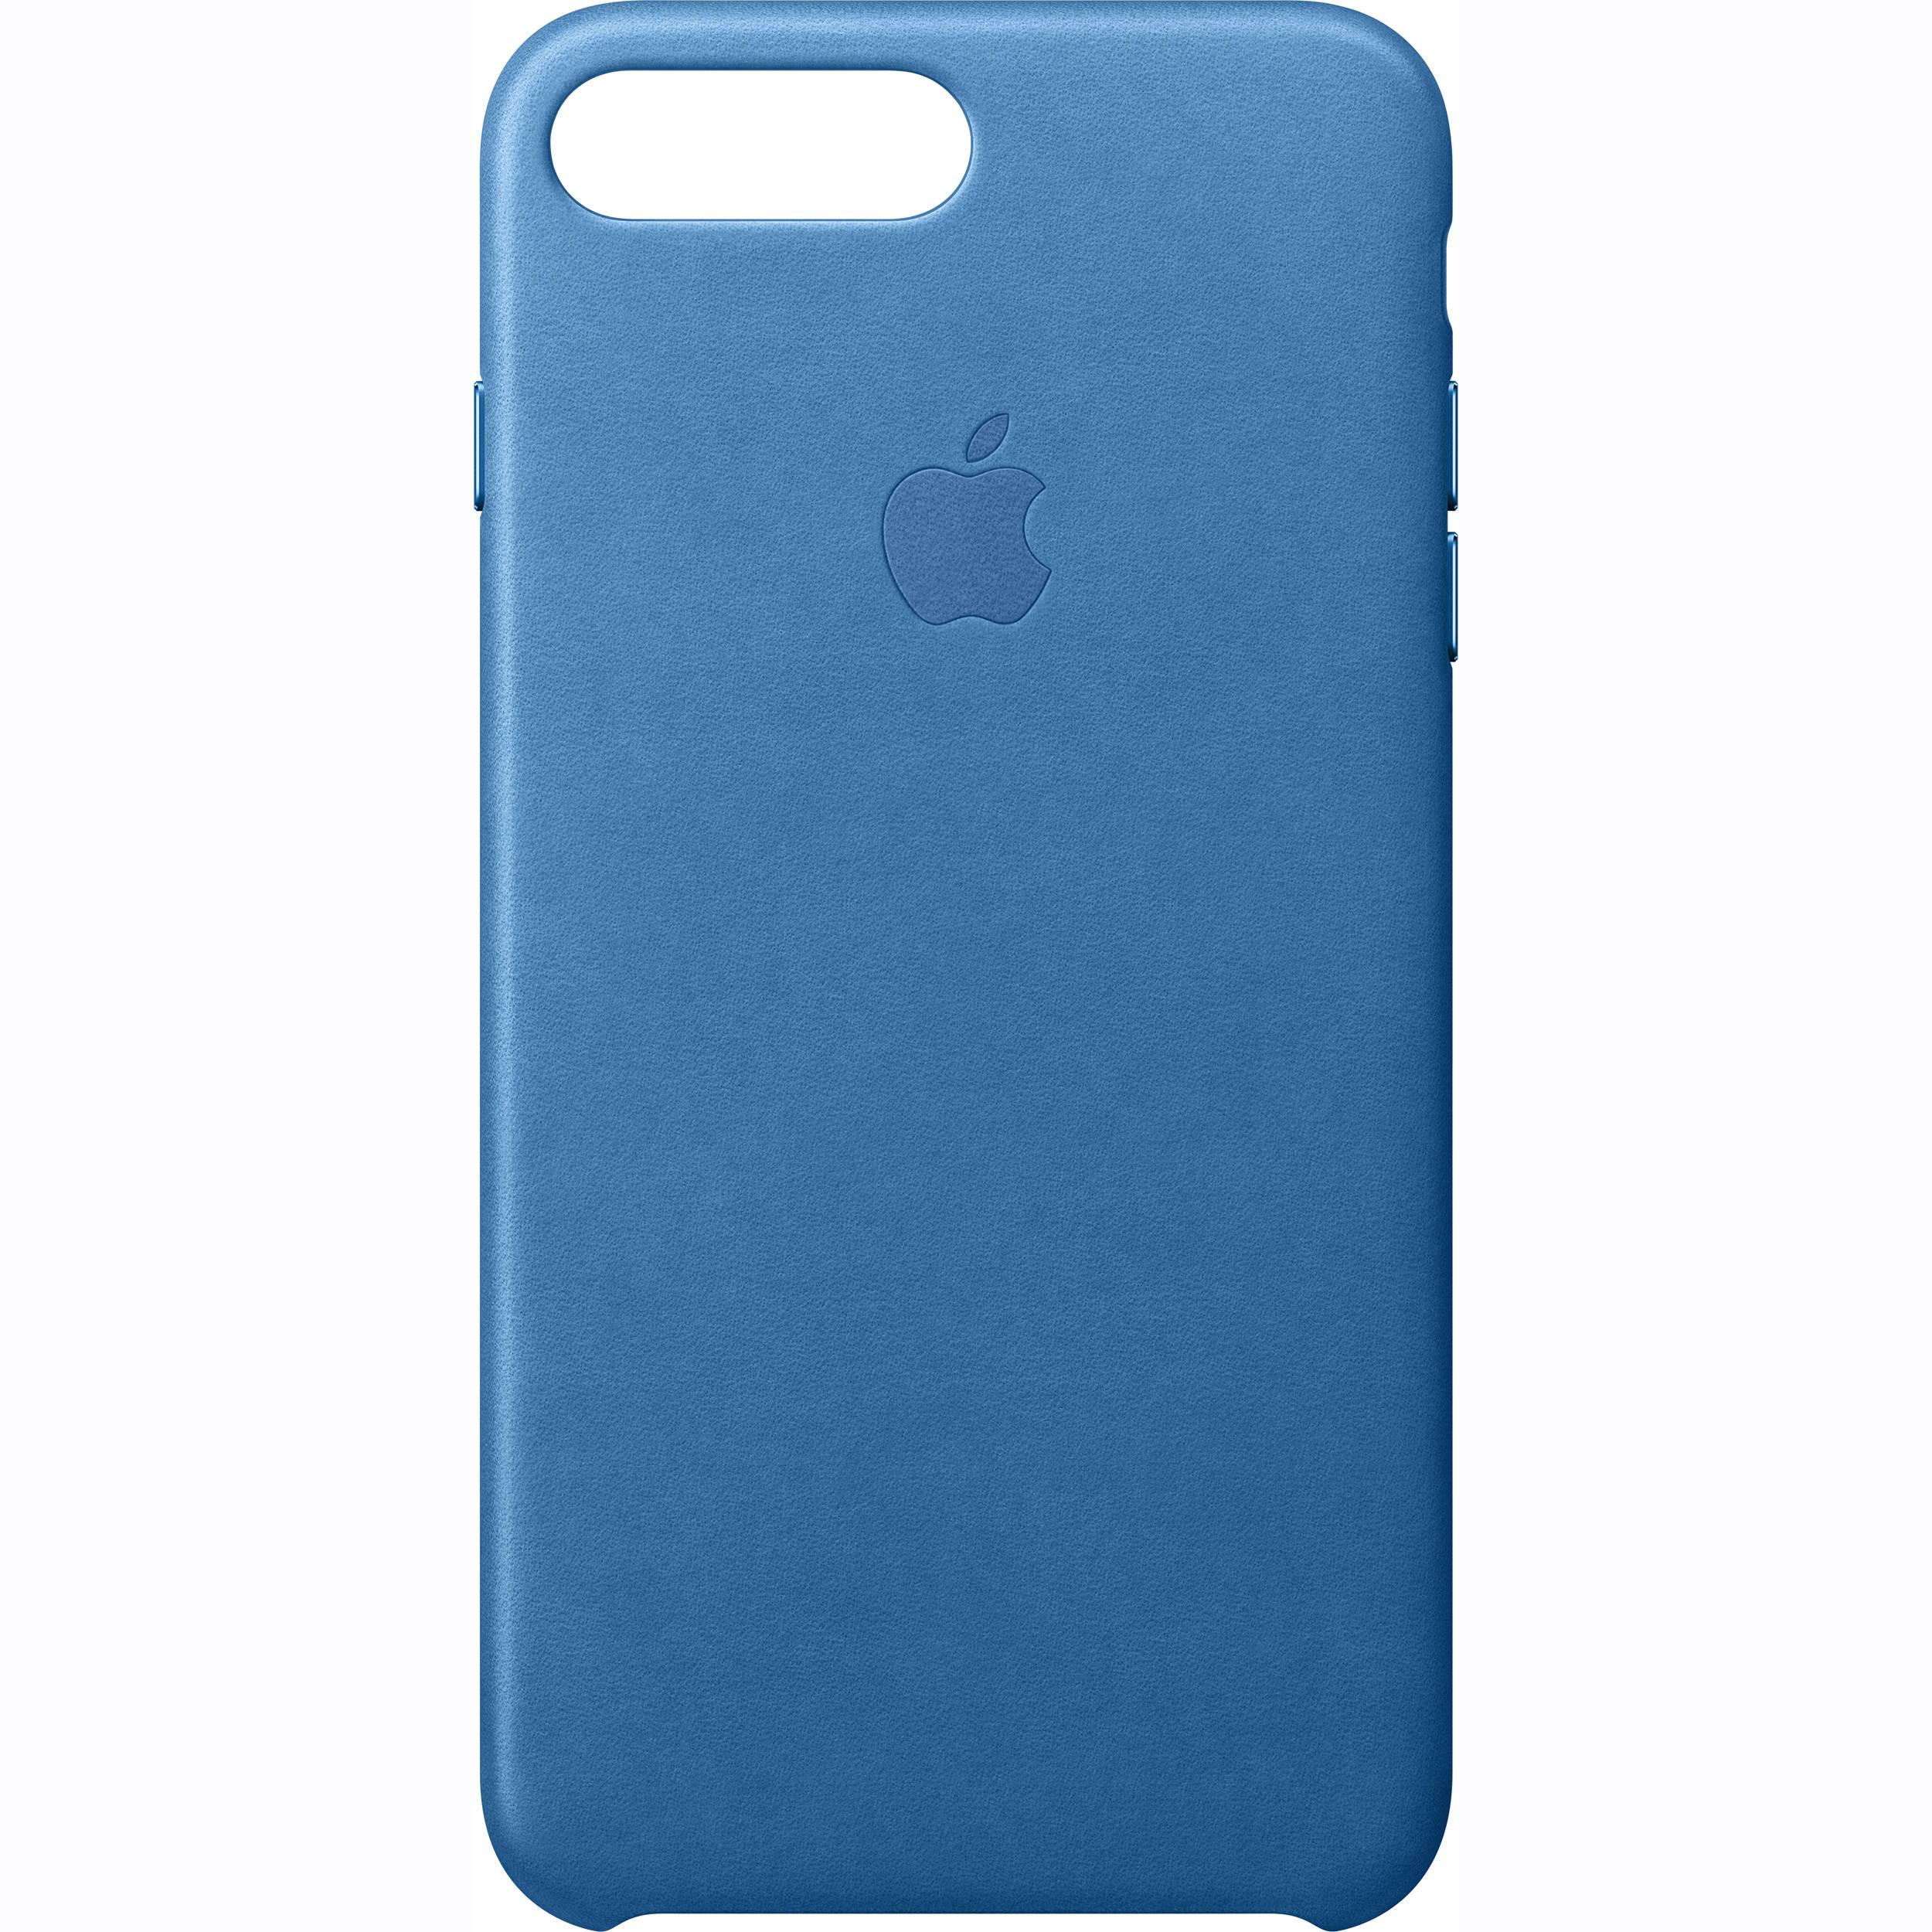 iphone 7 plus case sea